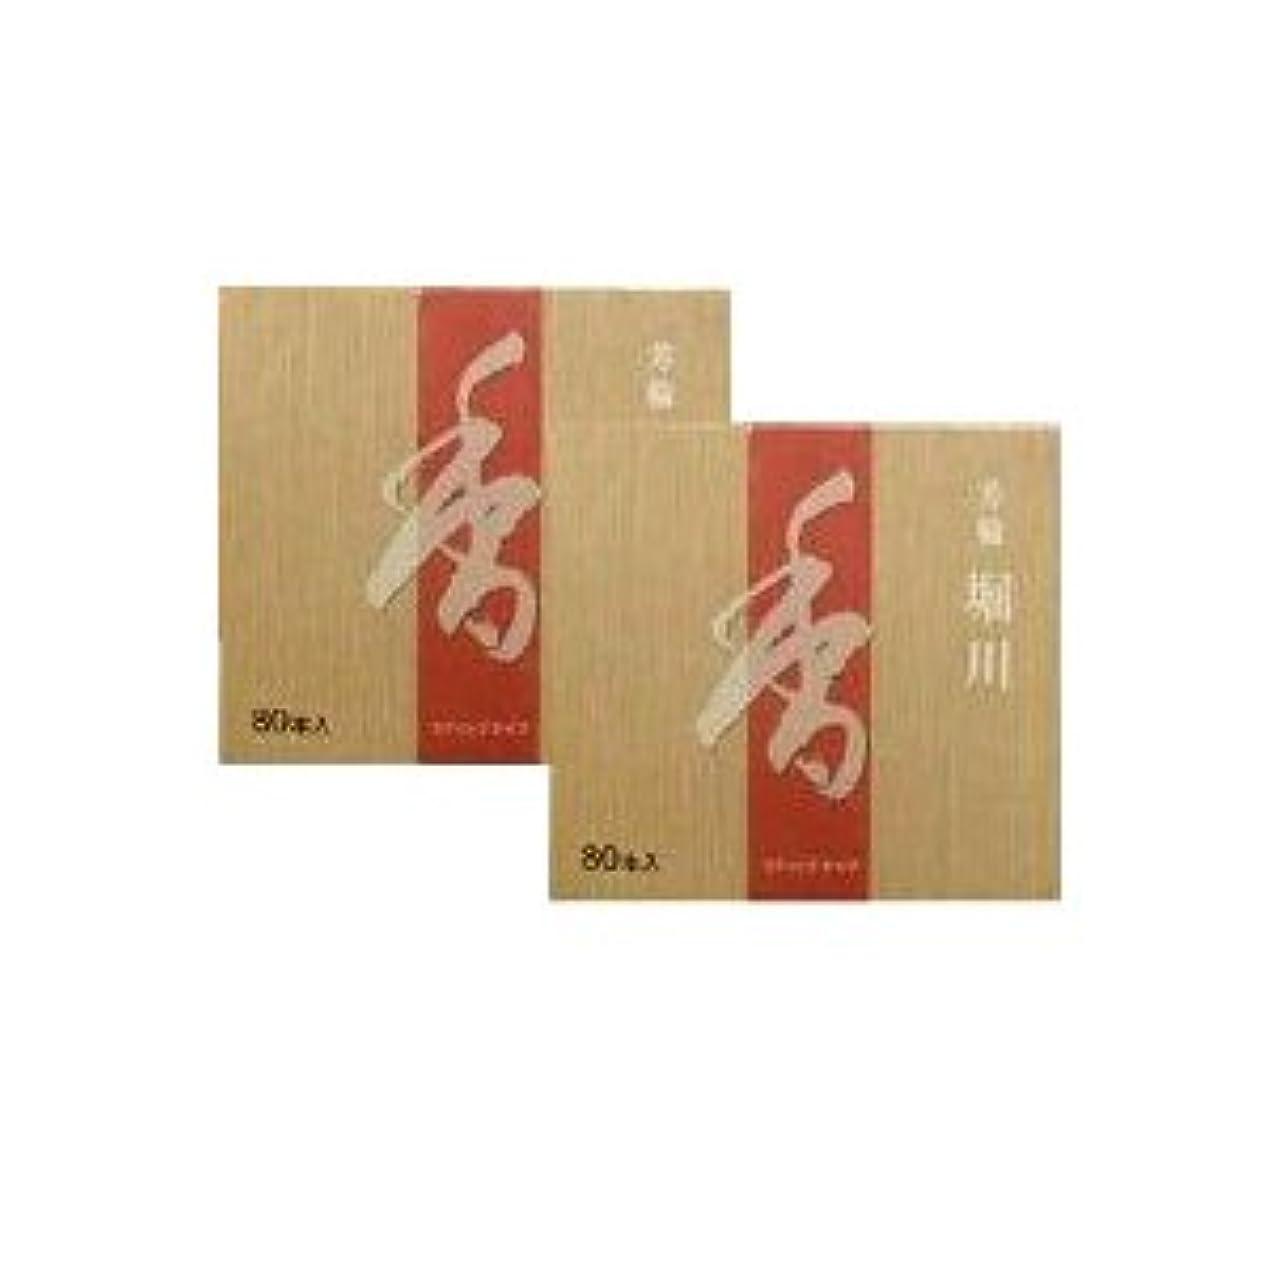 タイマー変換するフレームワーク松栄堂 芳輪 堀川 スティック80本入 2箱セット